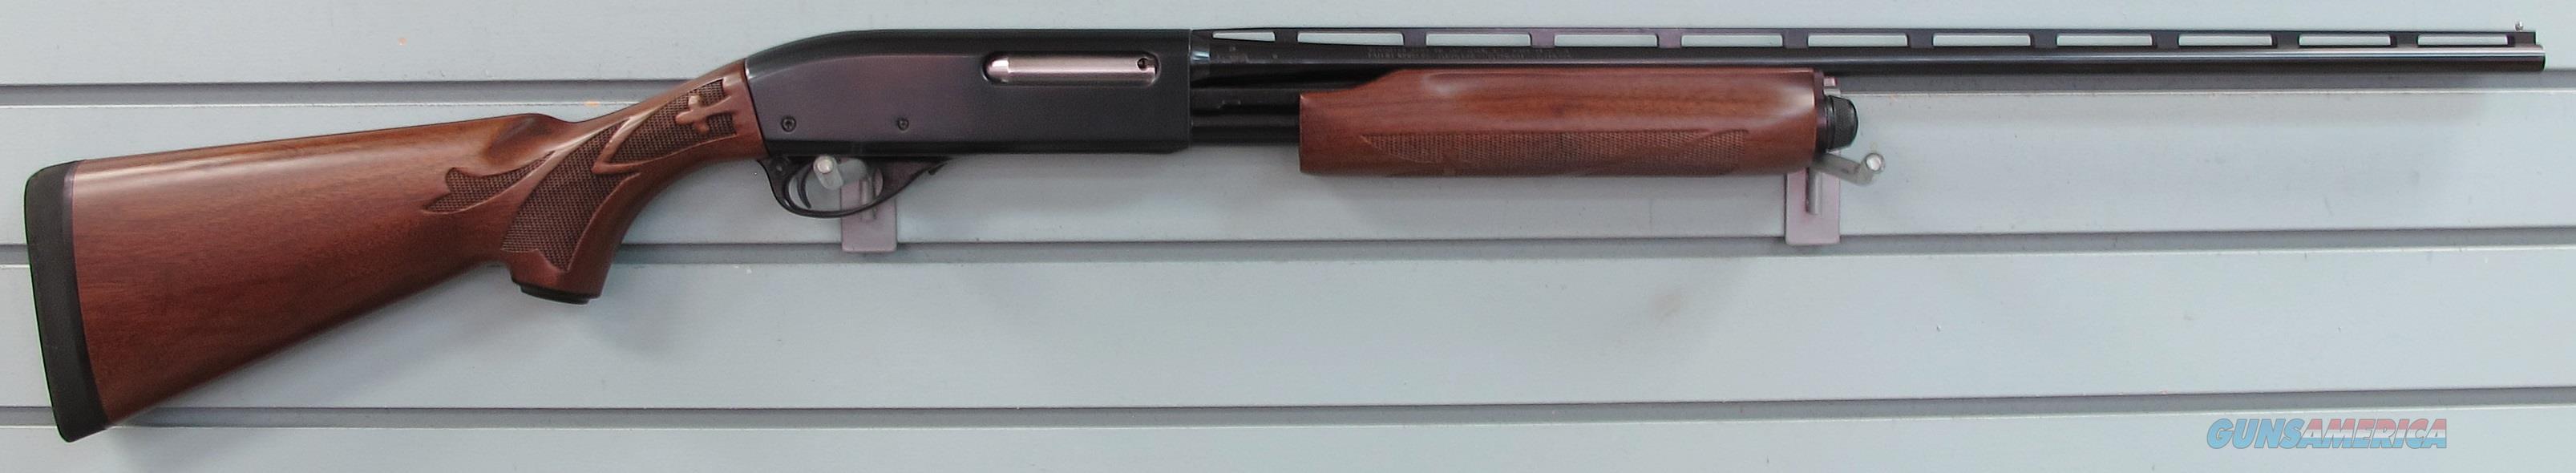 REMINGTON MODEL 870LW WINGMASTER 410 GA  Guns > Shotguns > Remington Shotguns  > Pump > Hunting